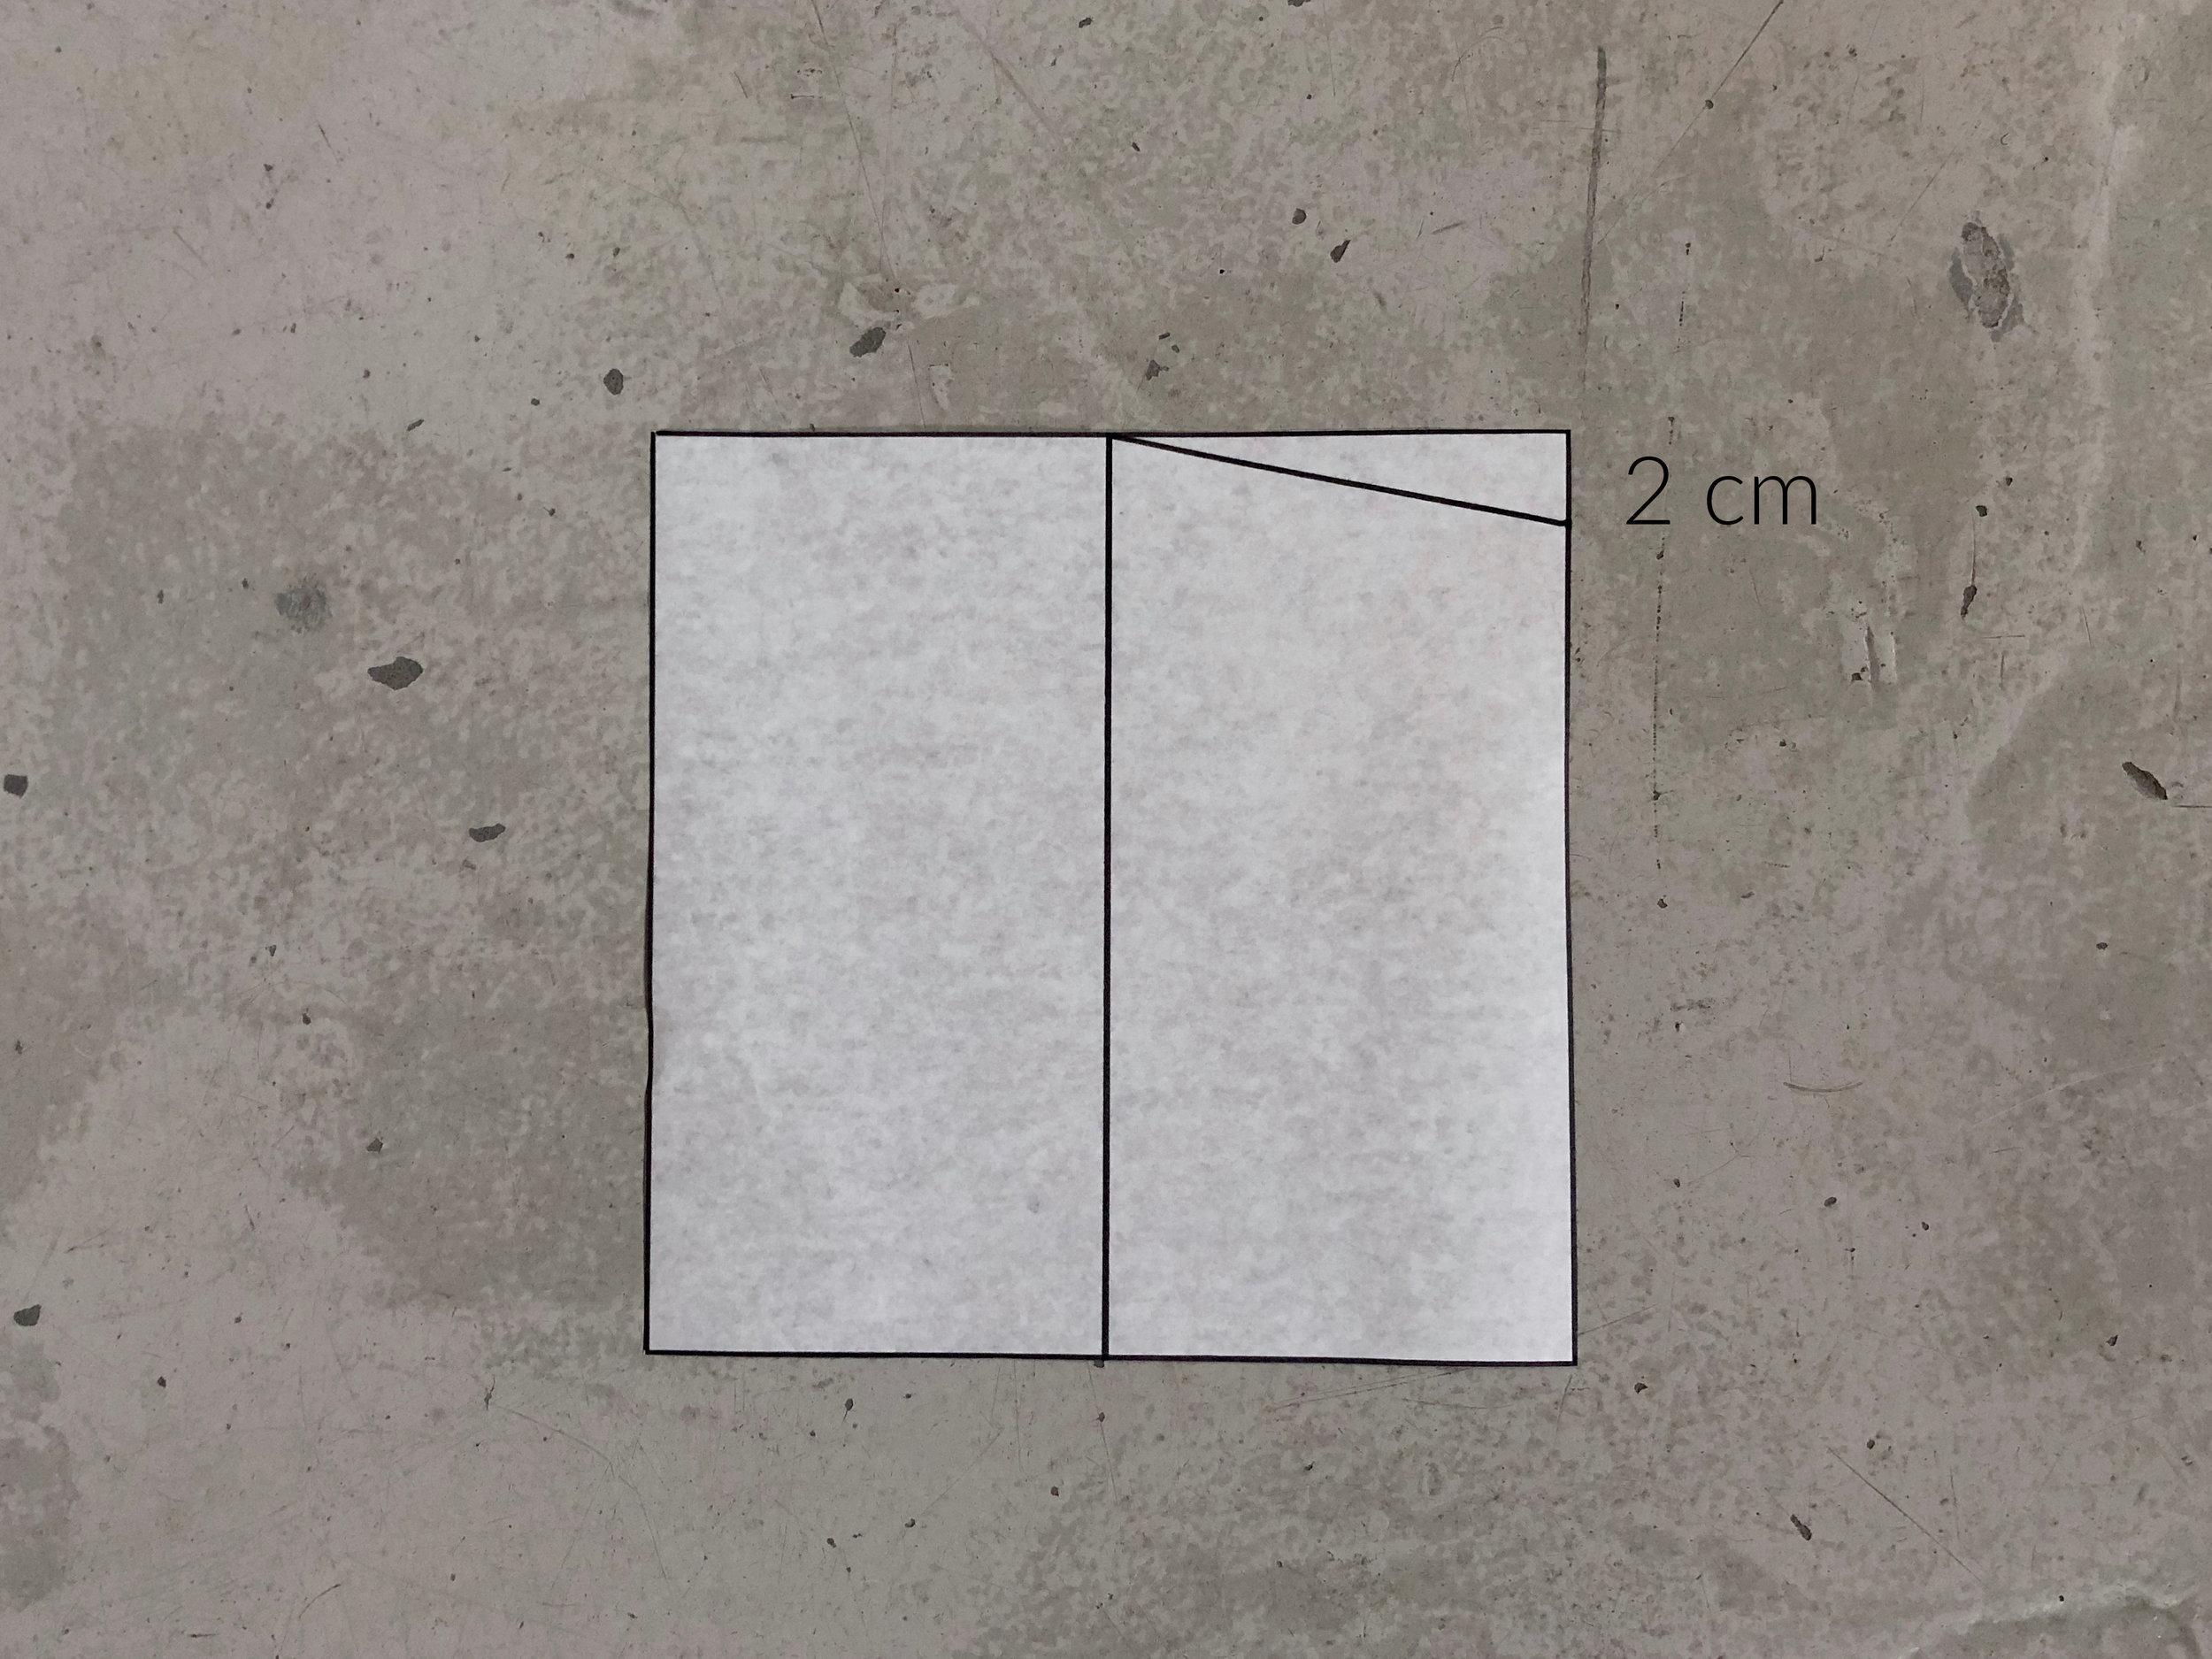 fullsizeoutput_32cb.jpg